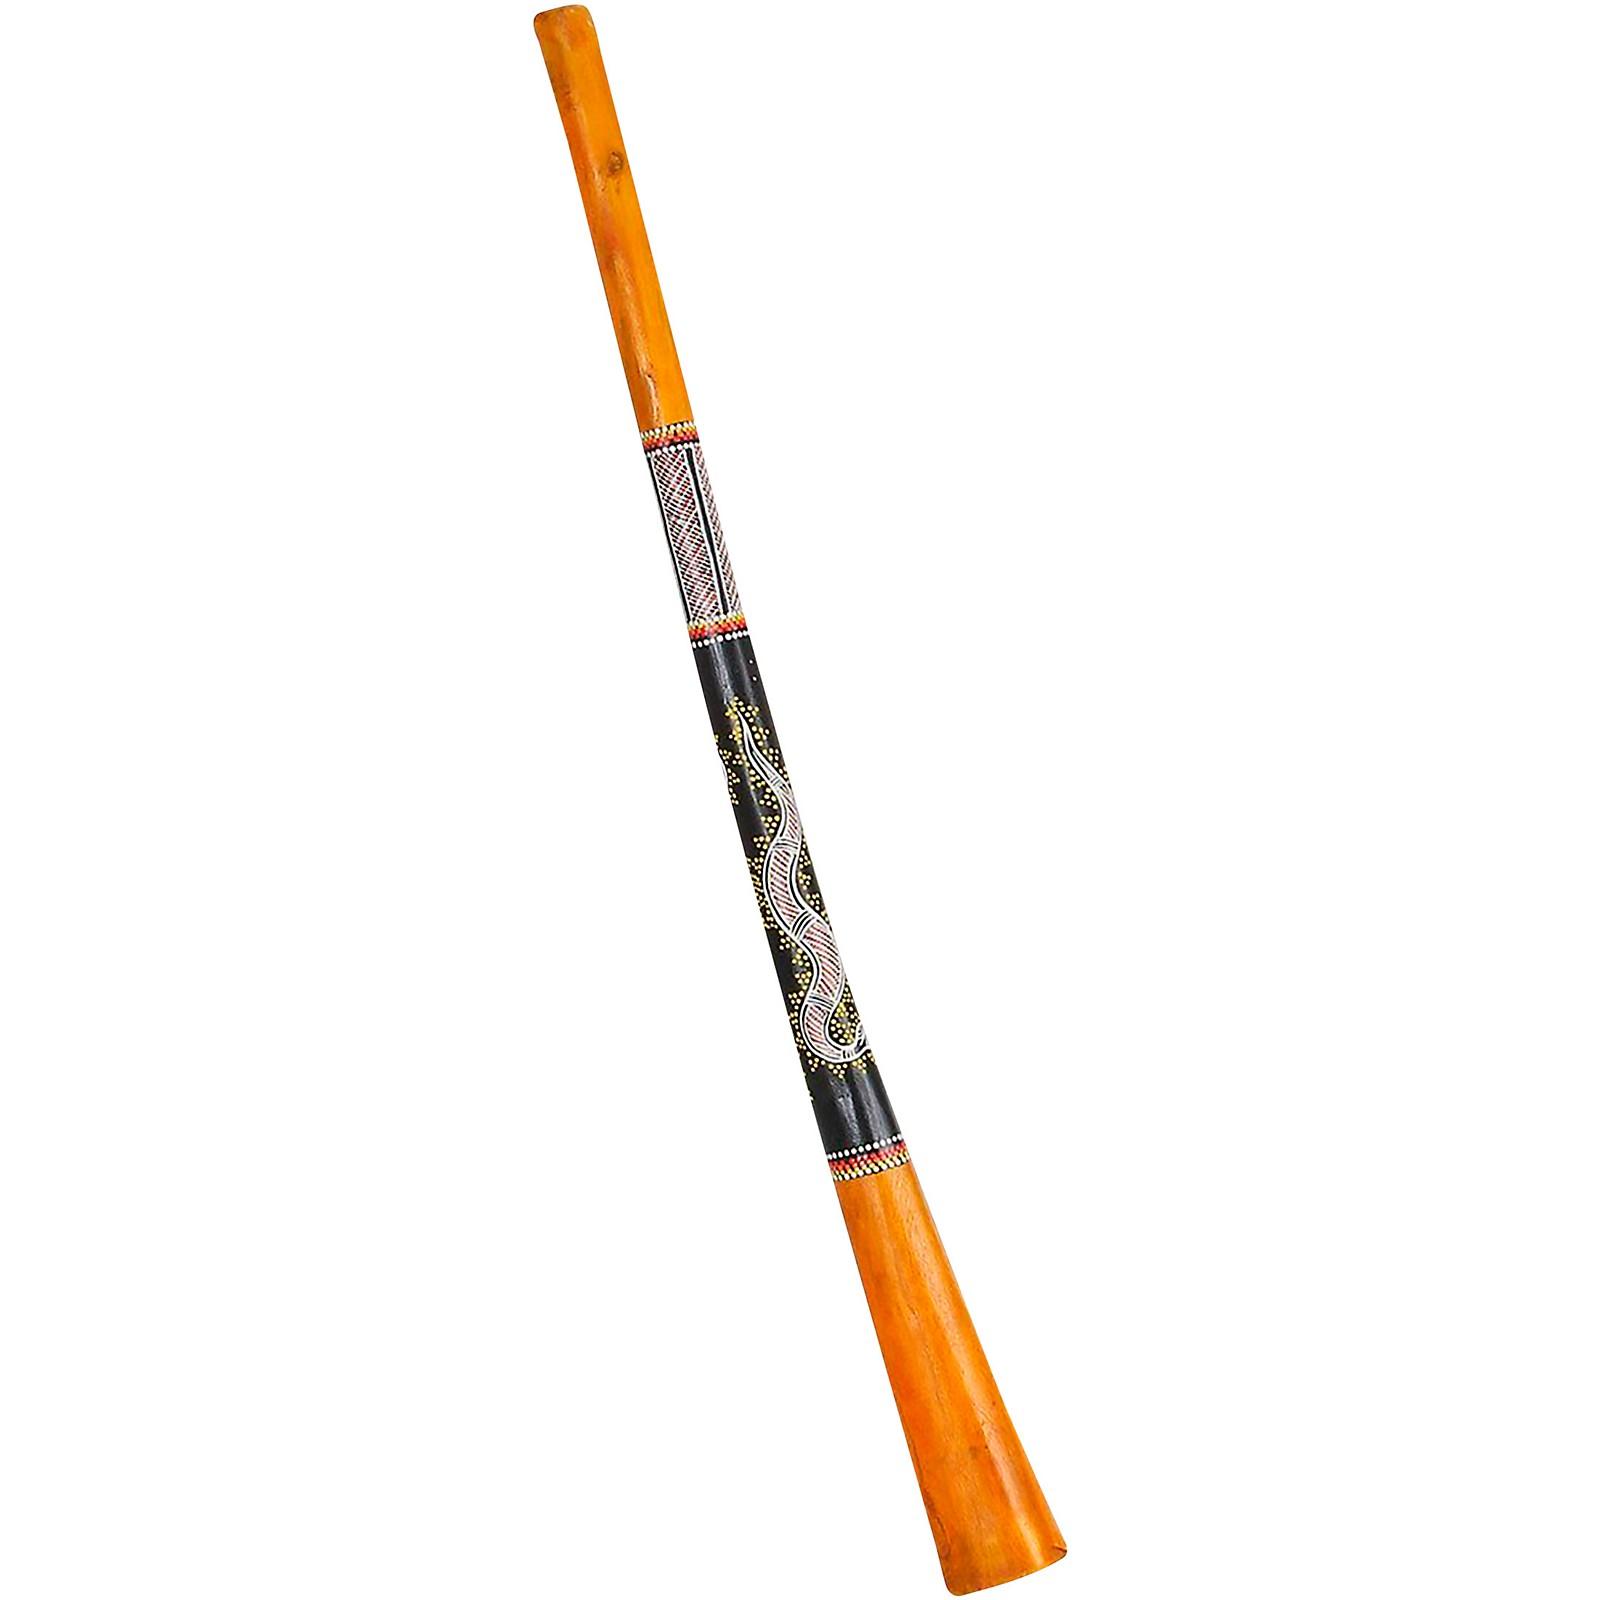 X8 Drums Gecko Painted Teak Wood Didgeridoo